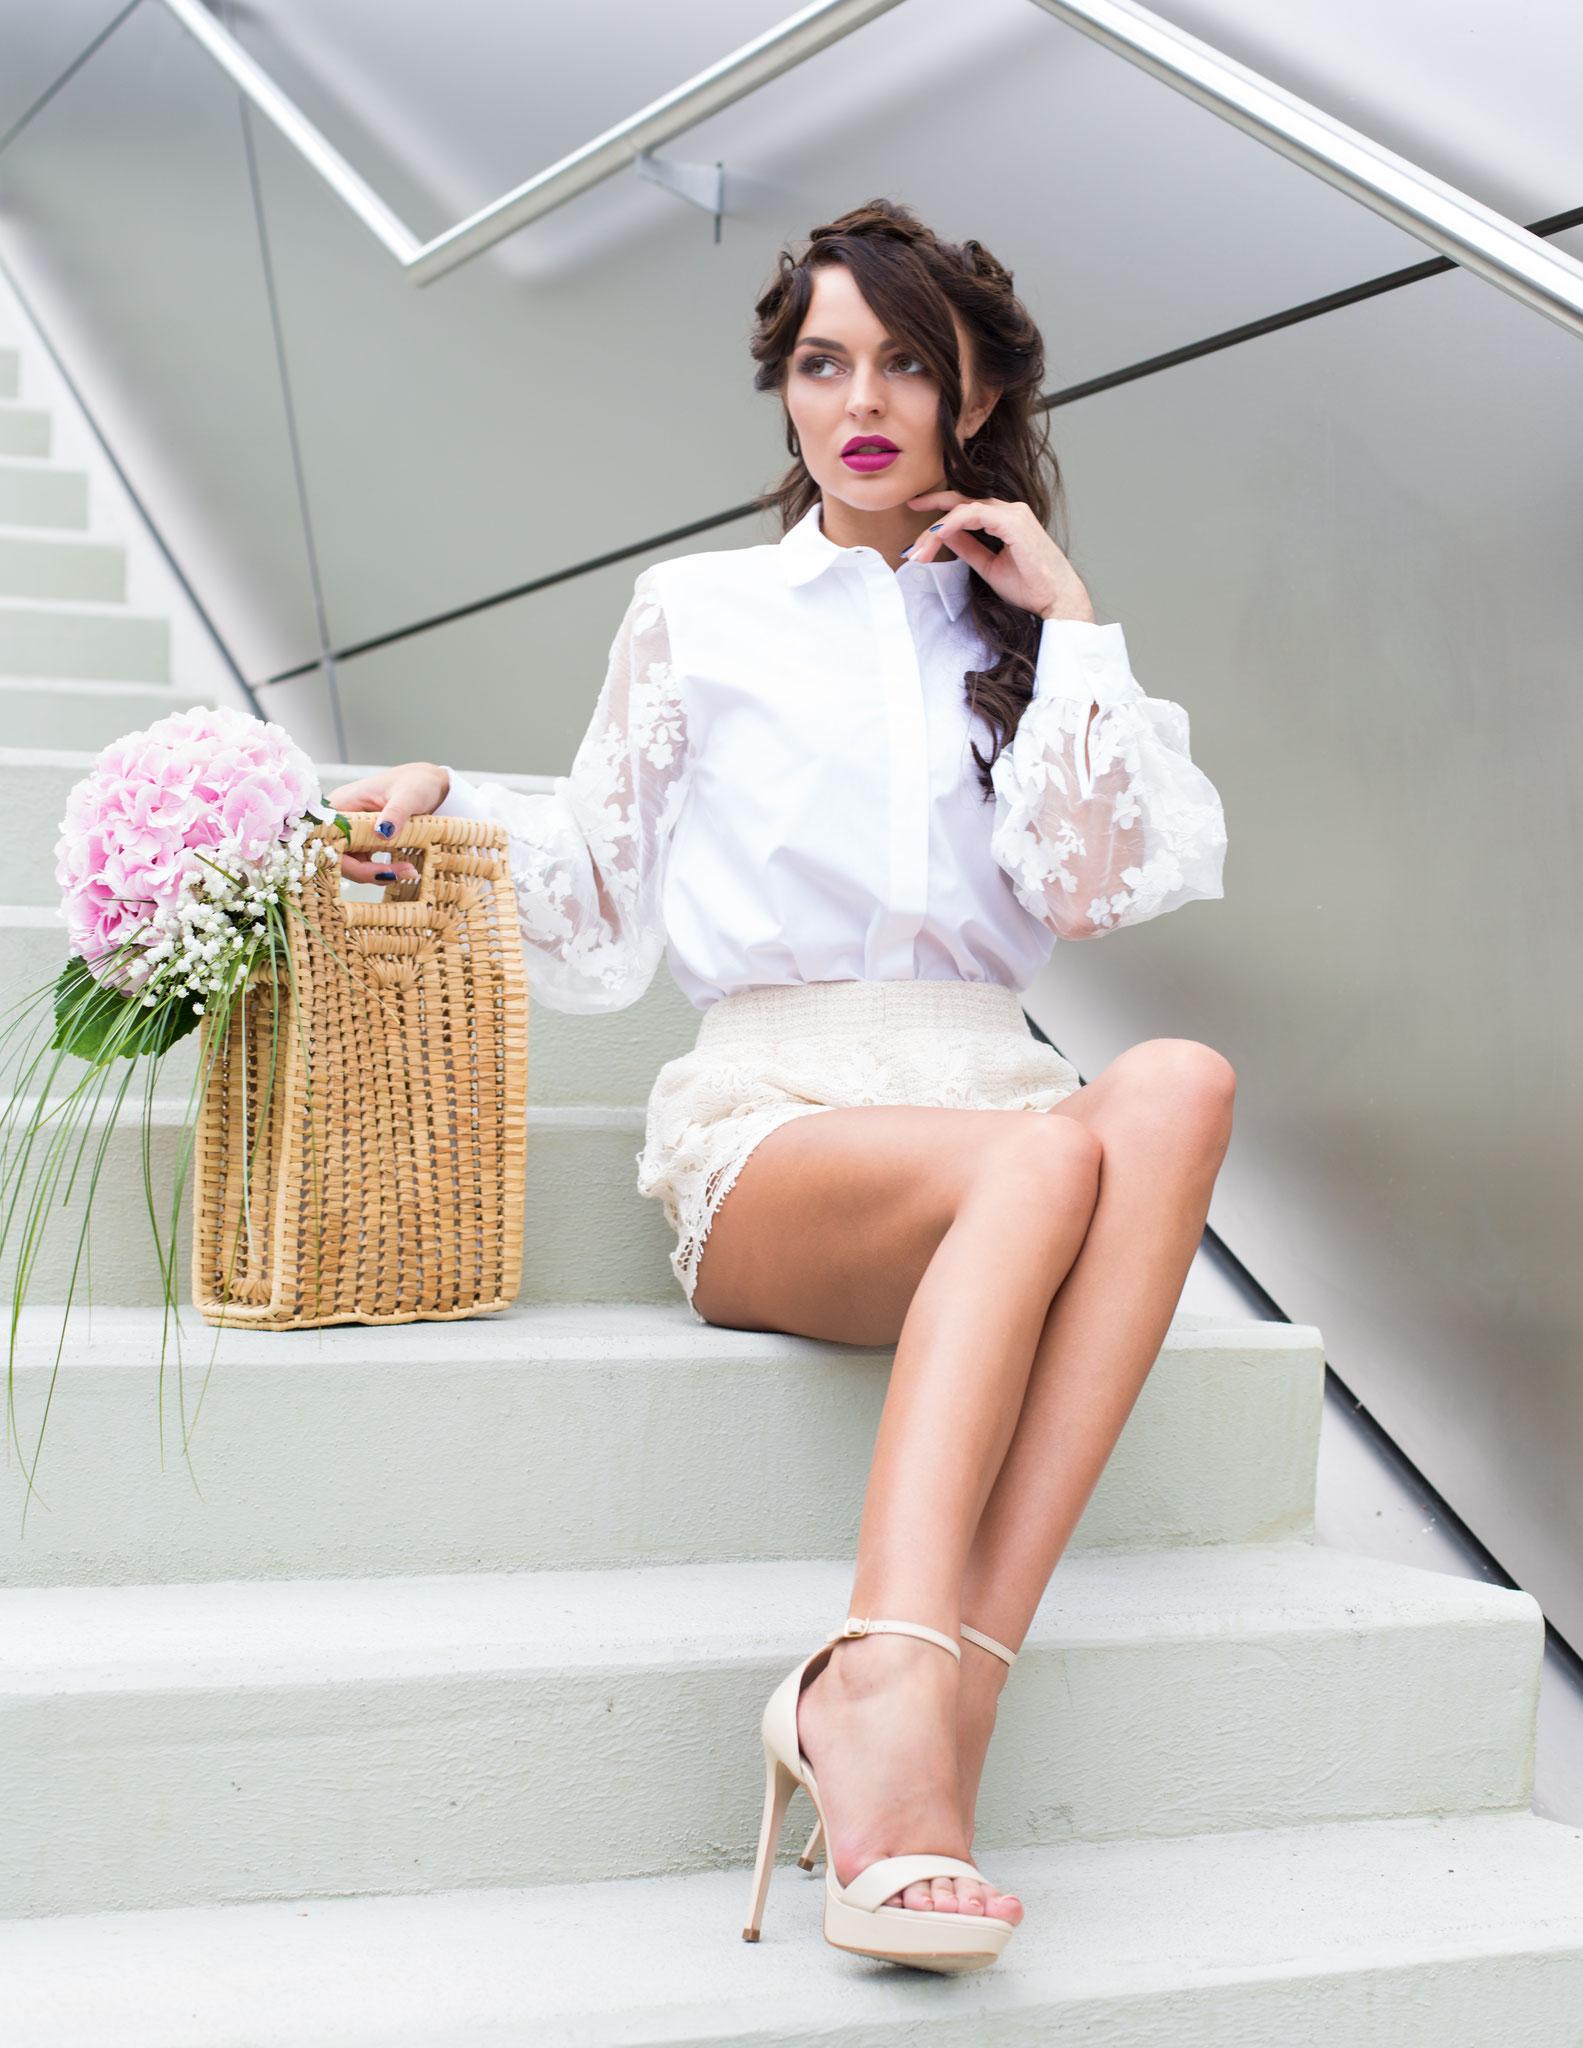 Fancy Bride - MALVIE PARIS, August 2020 Vol. 08 - Fashion Stylist: Vesna Resch